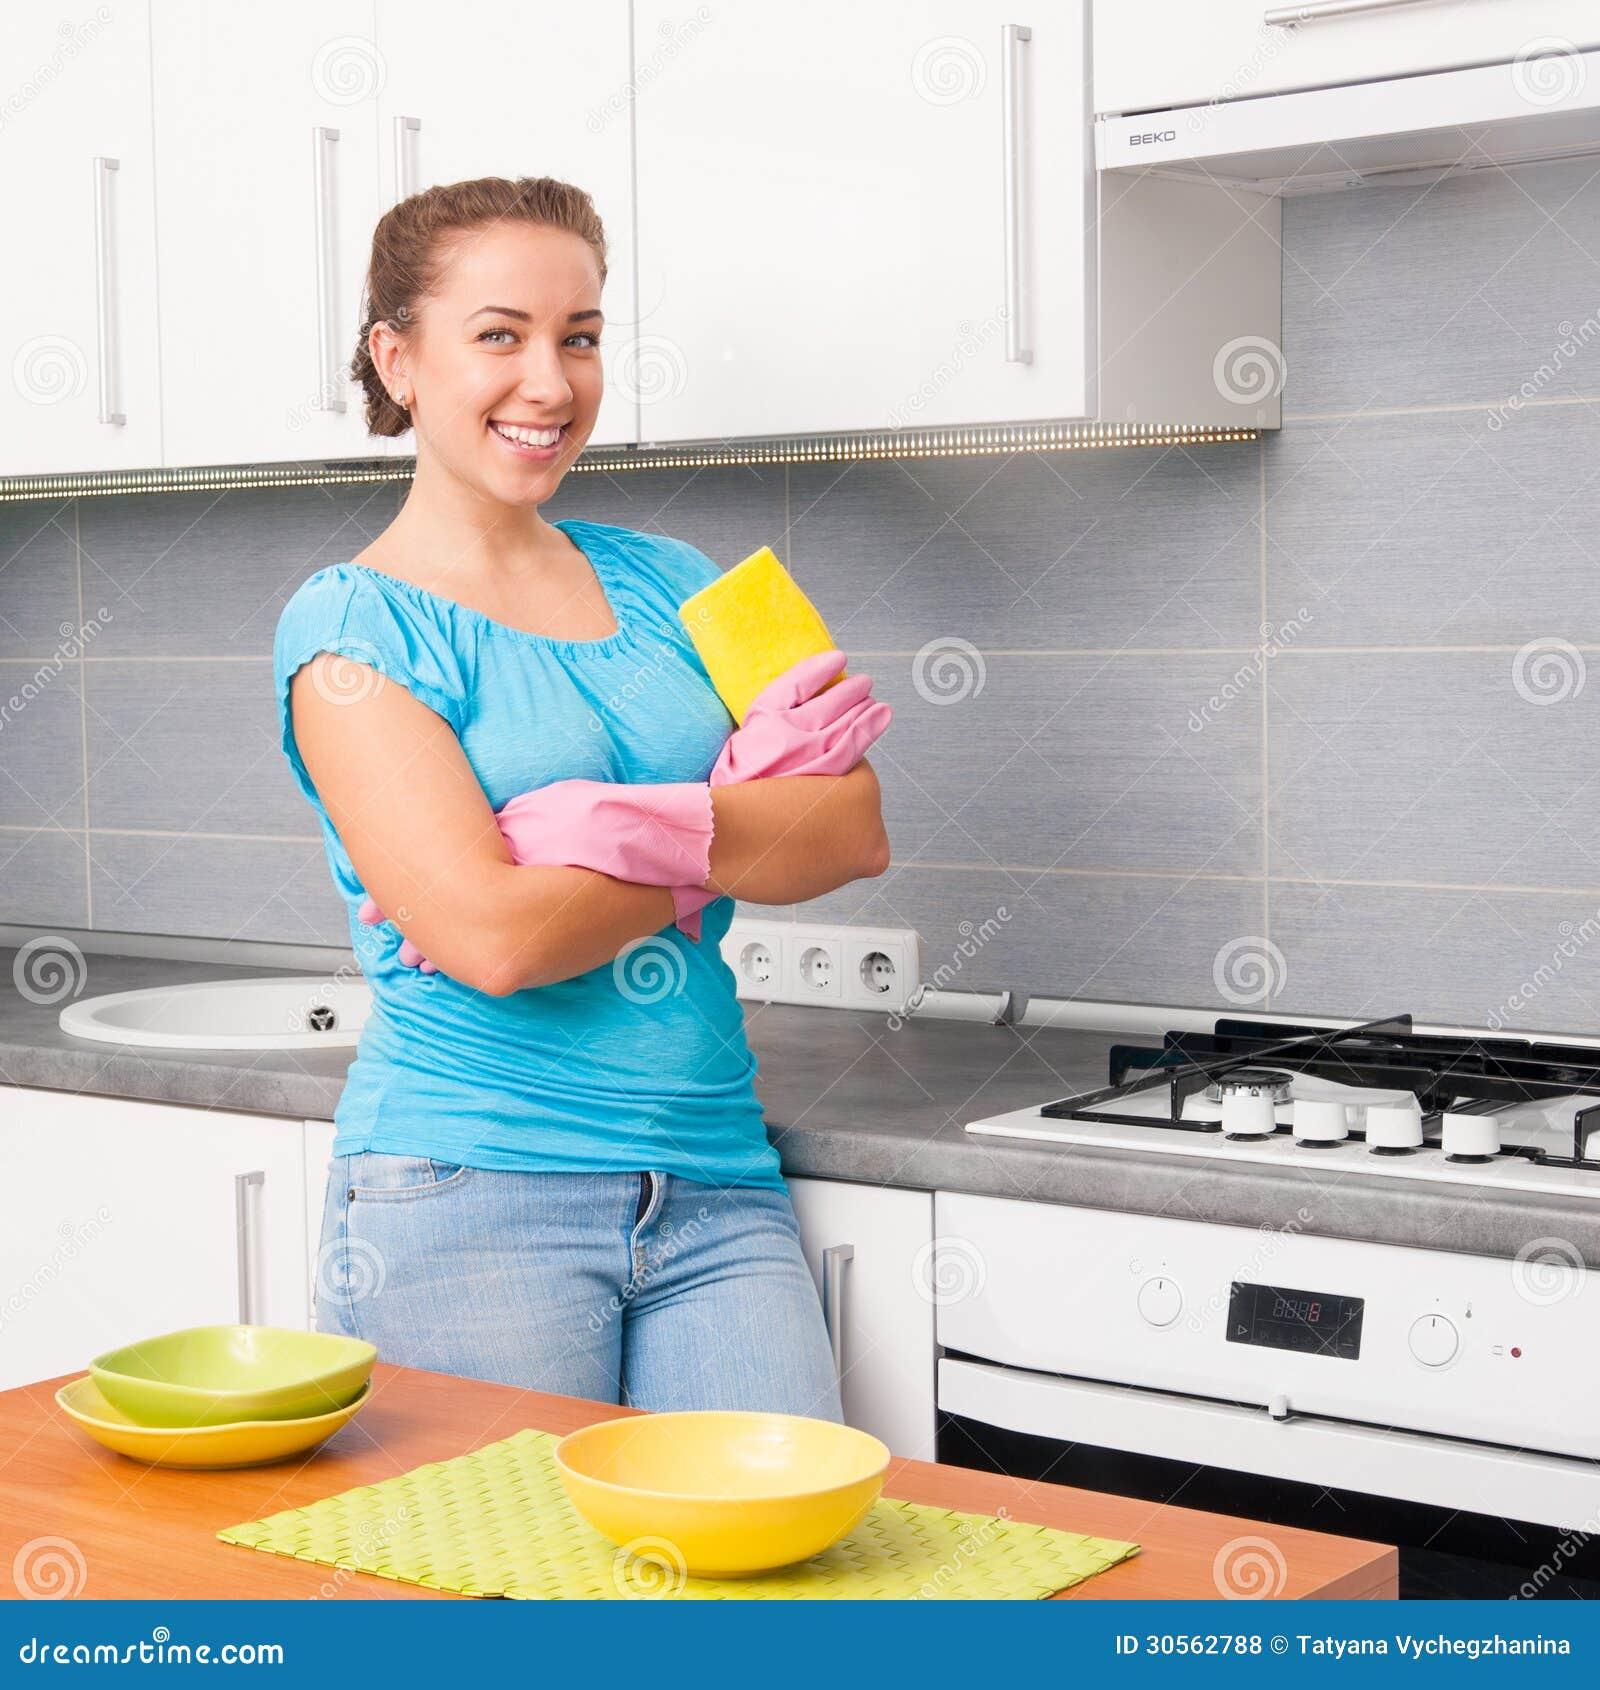 年轻人微笑的逗人喜爱的妇女在家清洗厨房.图片